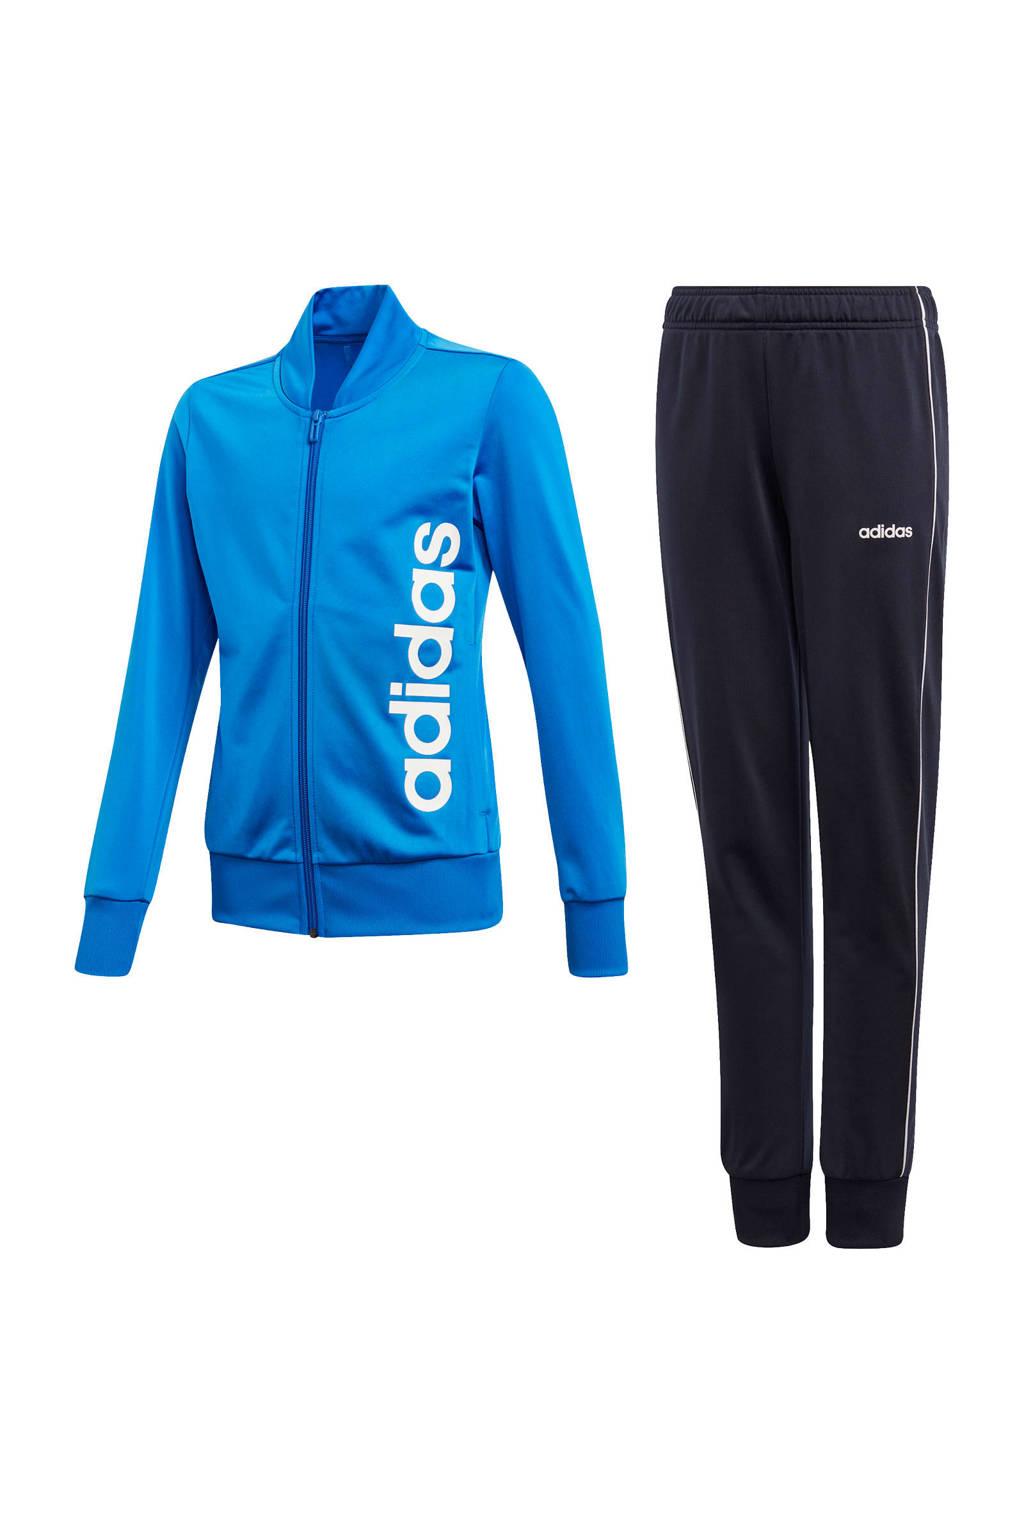 adidas trainingspak zwart/blauw, Zwart/blauw